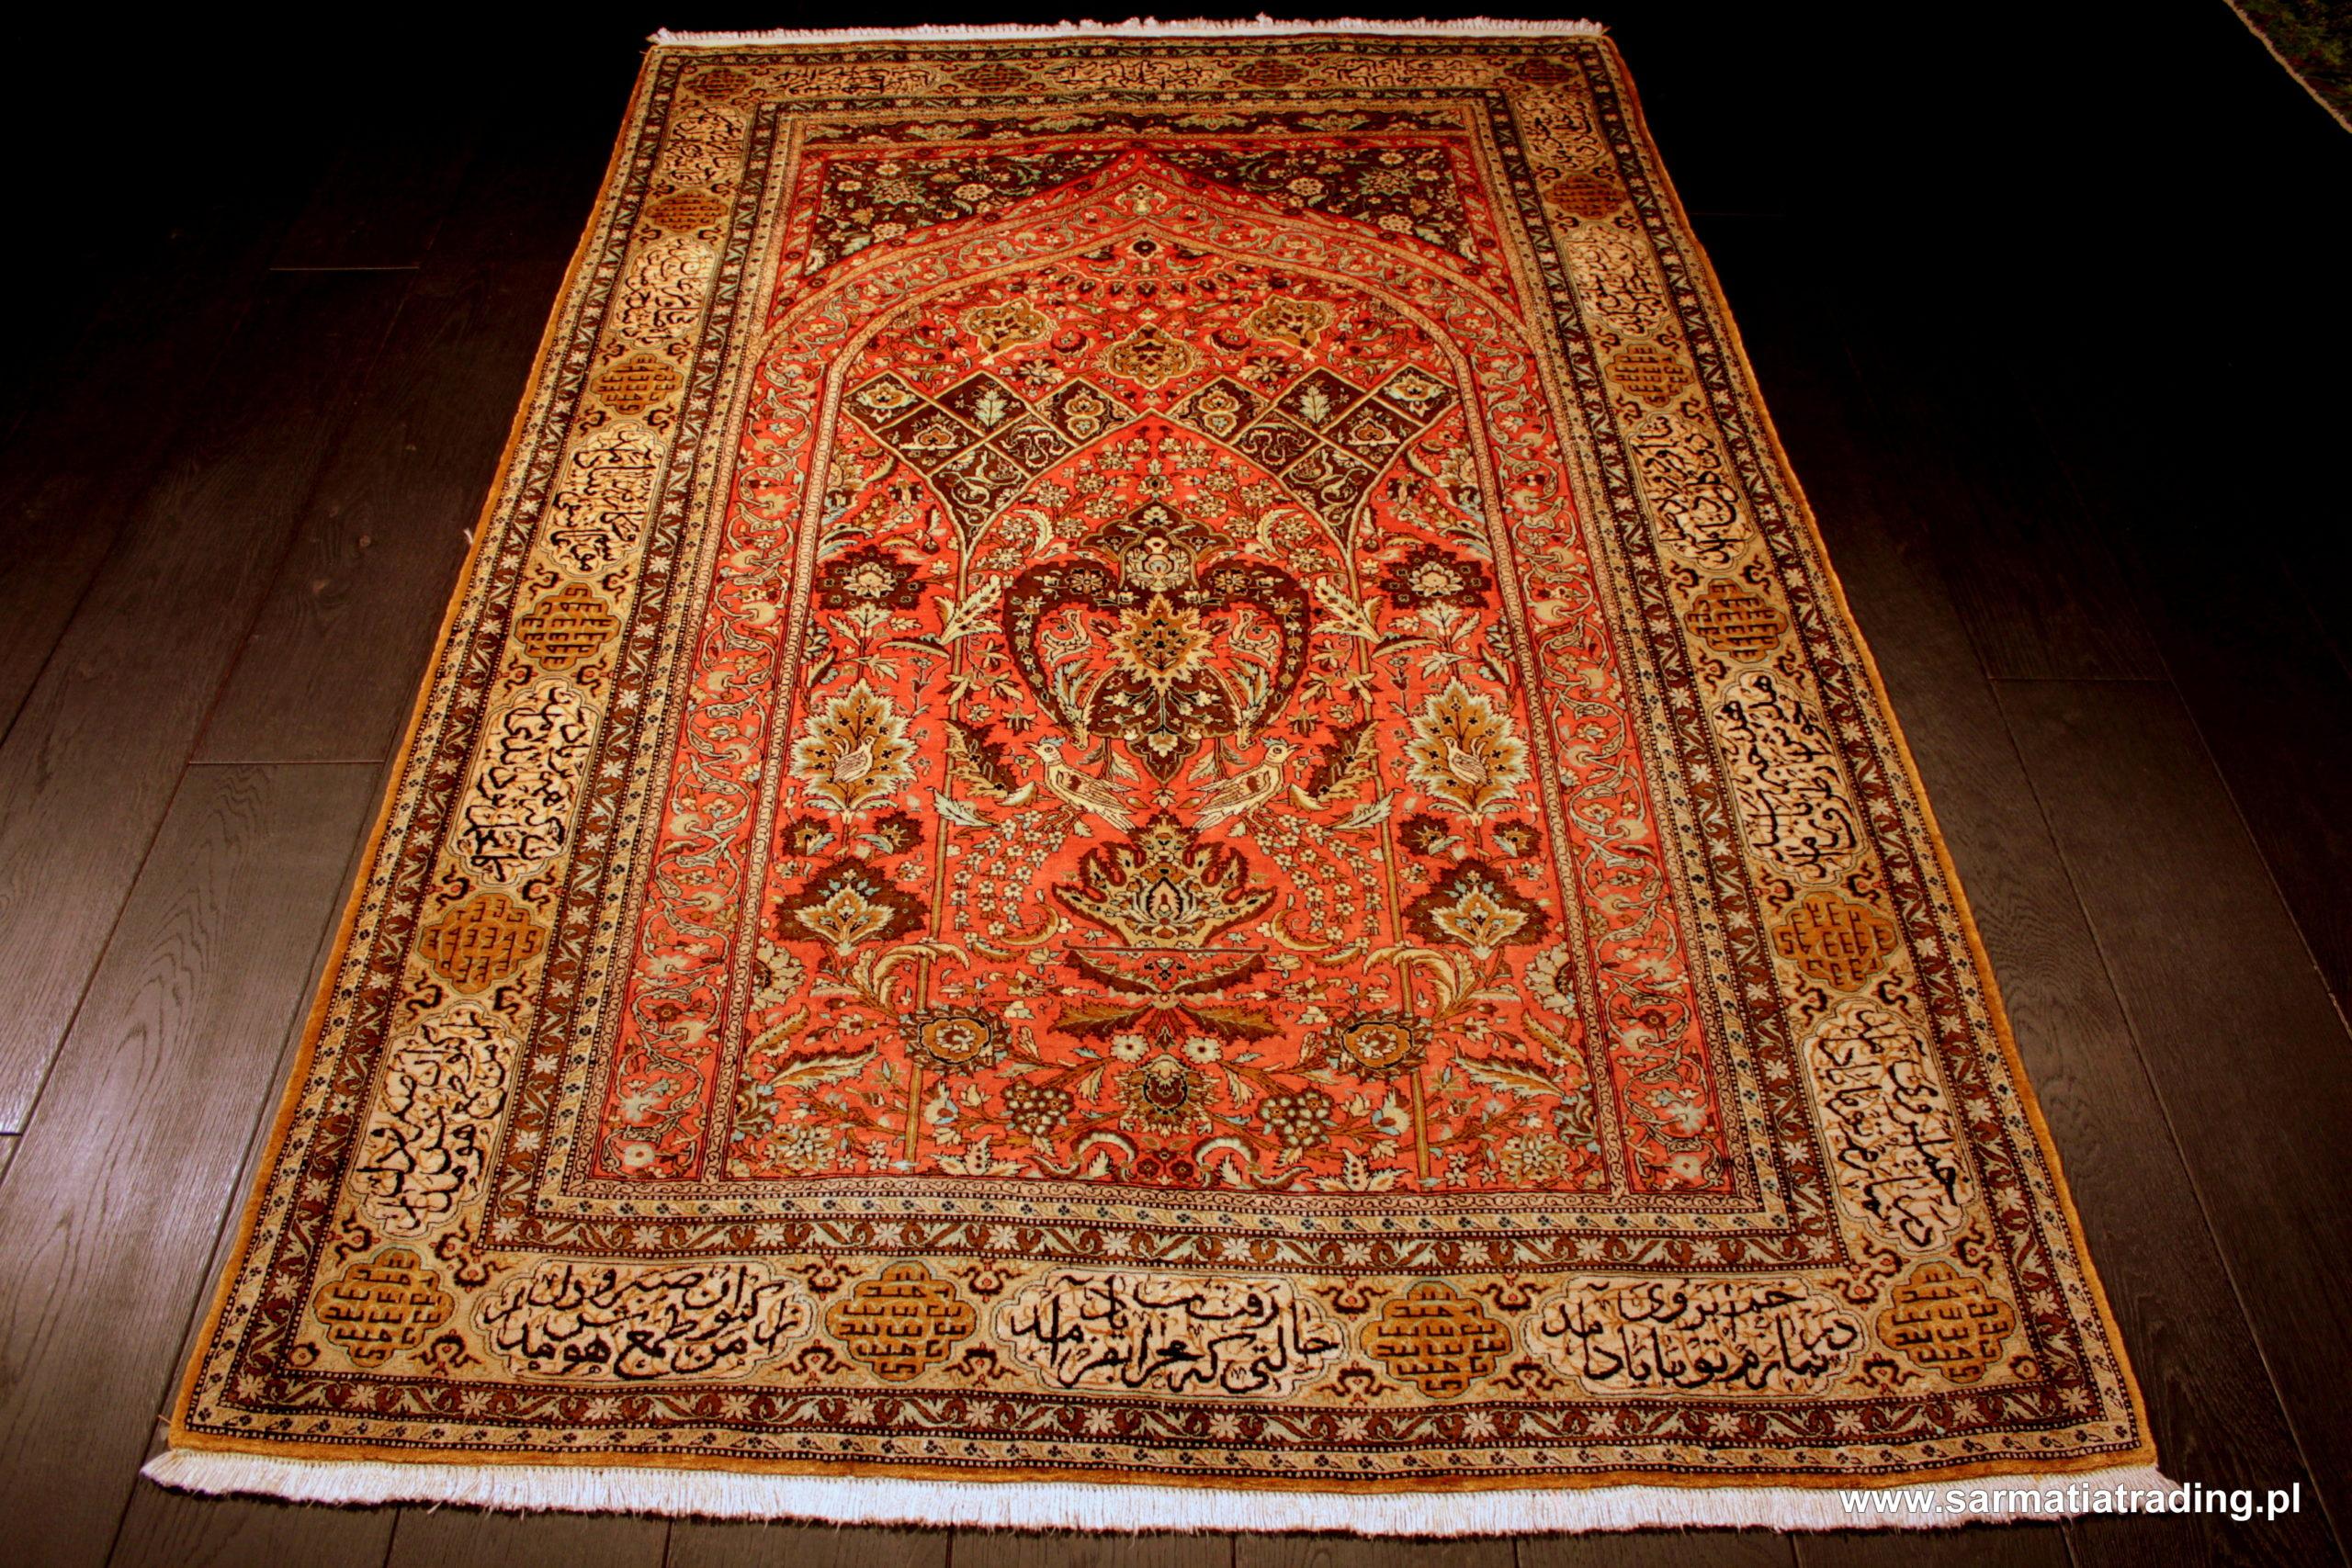 perski dywan jedwabny, antyczny dywan ekskluzywny